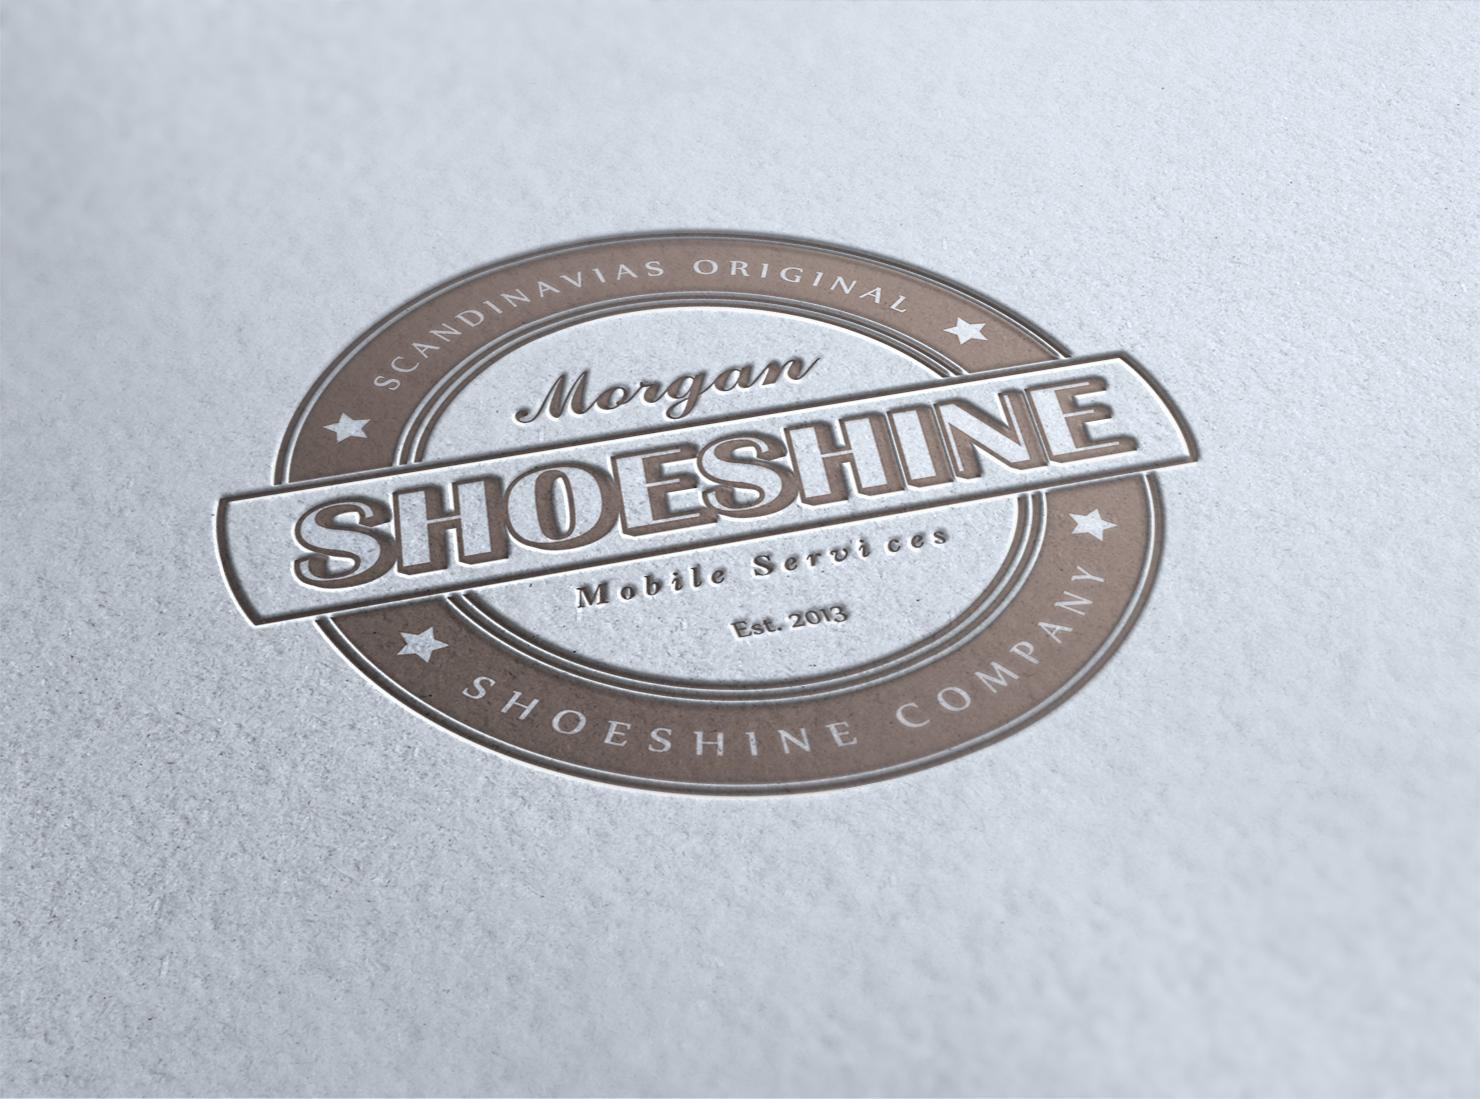 Morgan Shoeshine